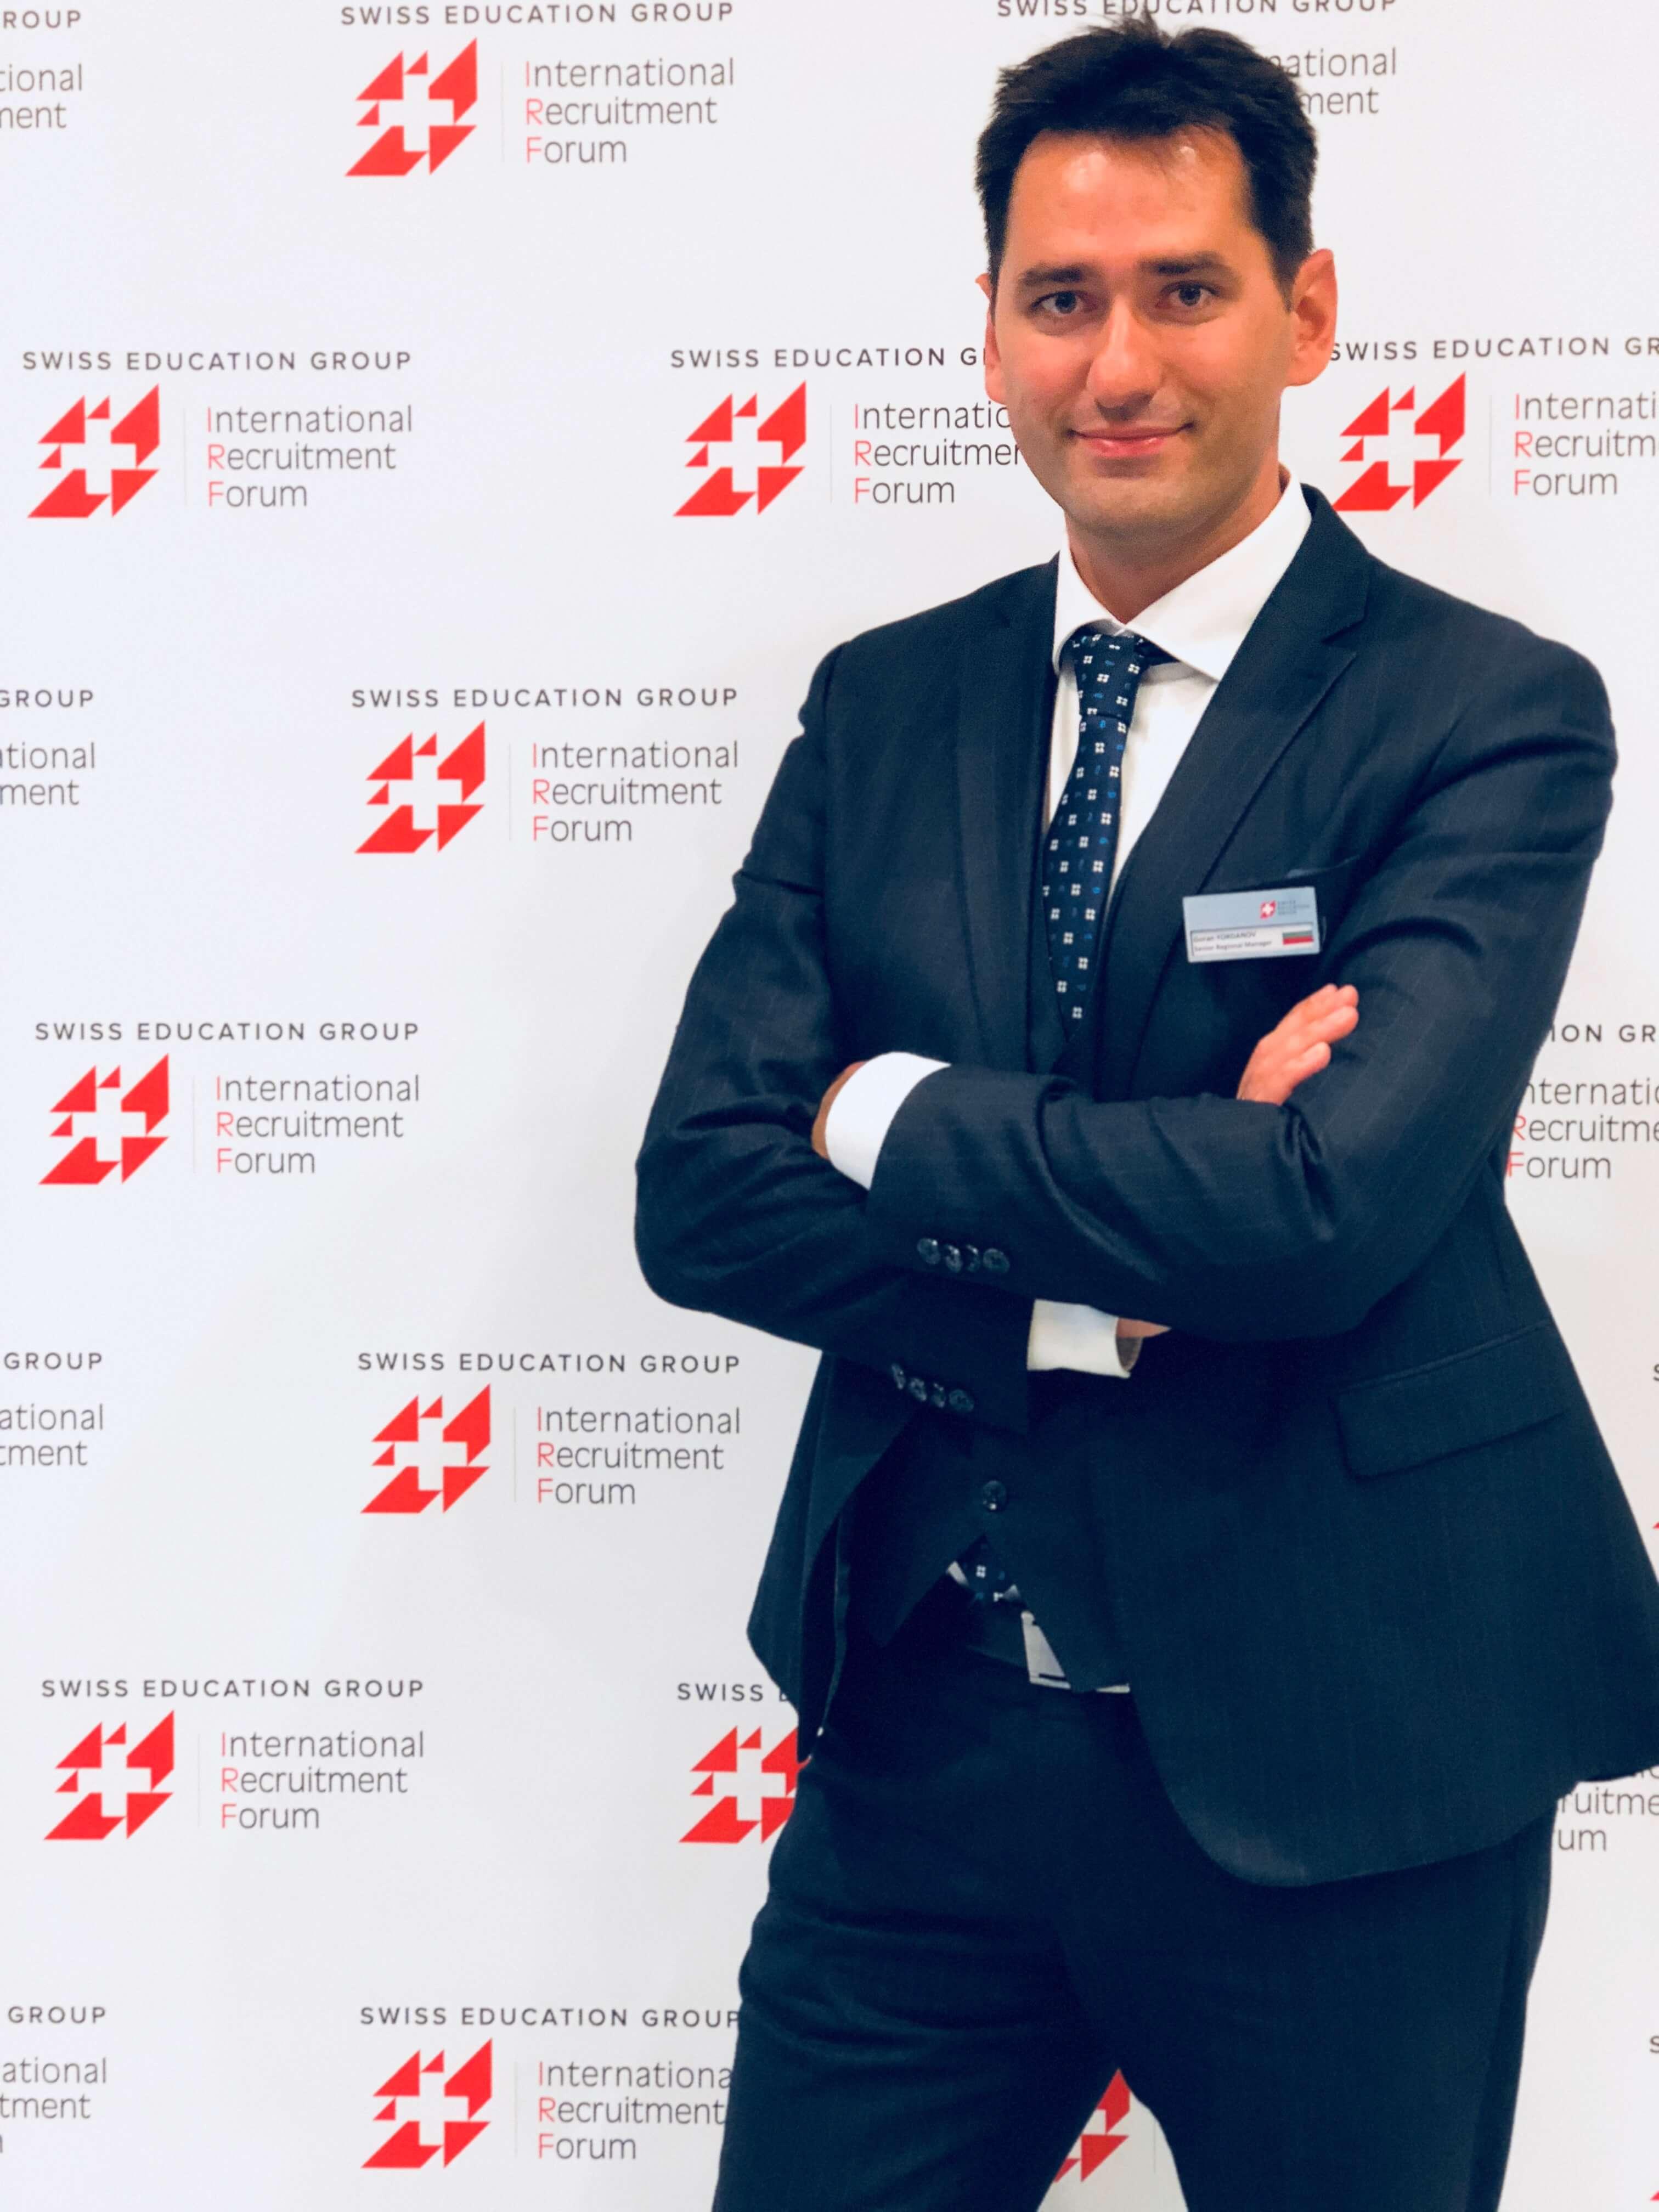 Goran Yordanv спикен семинара Высшее образование в Швейцарии Алматы msmstudy.com